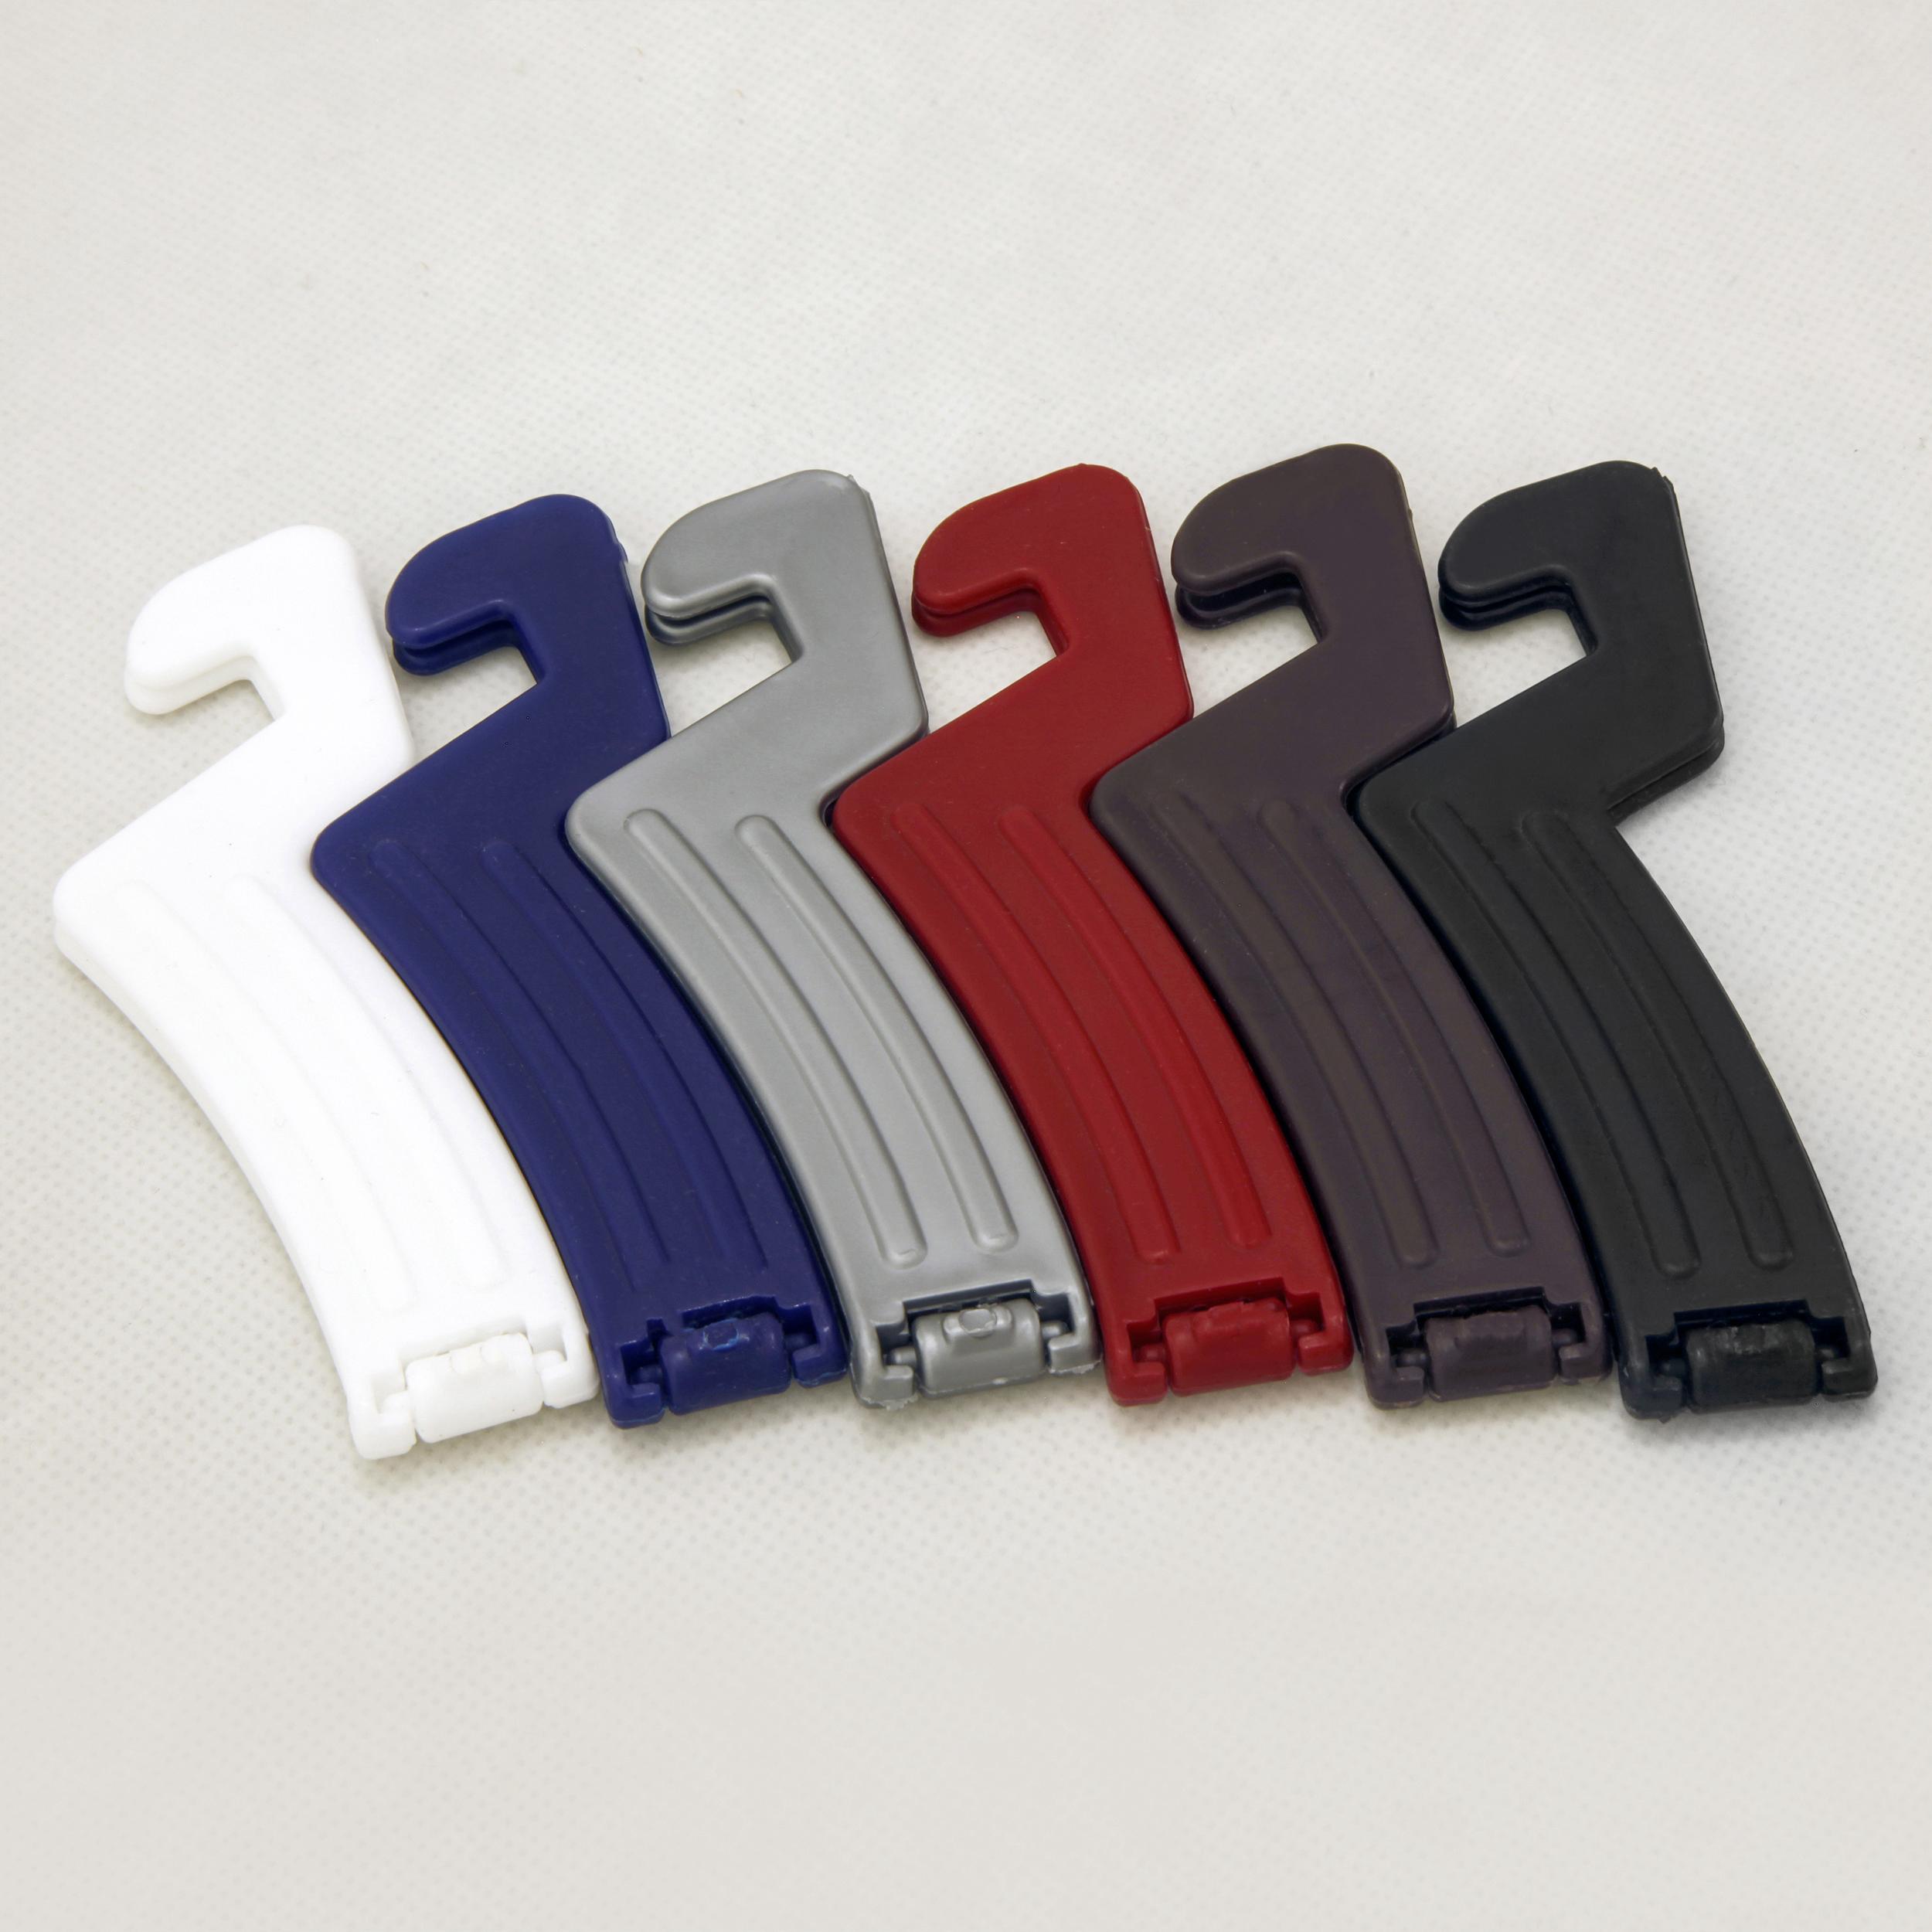 پایه نگهدارنده گوشی موبایل سومگ مدل SMG-TL main 1 24